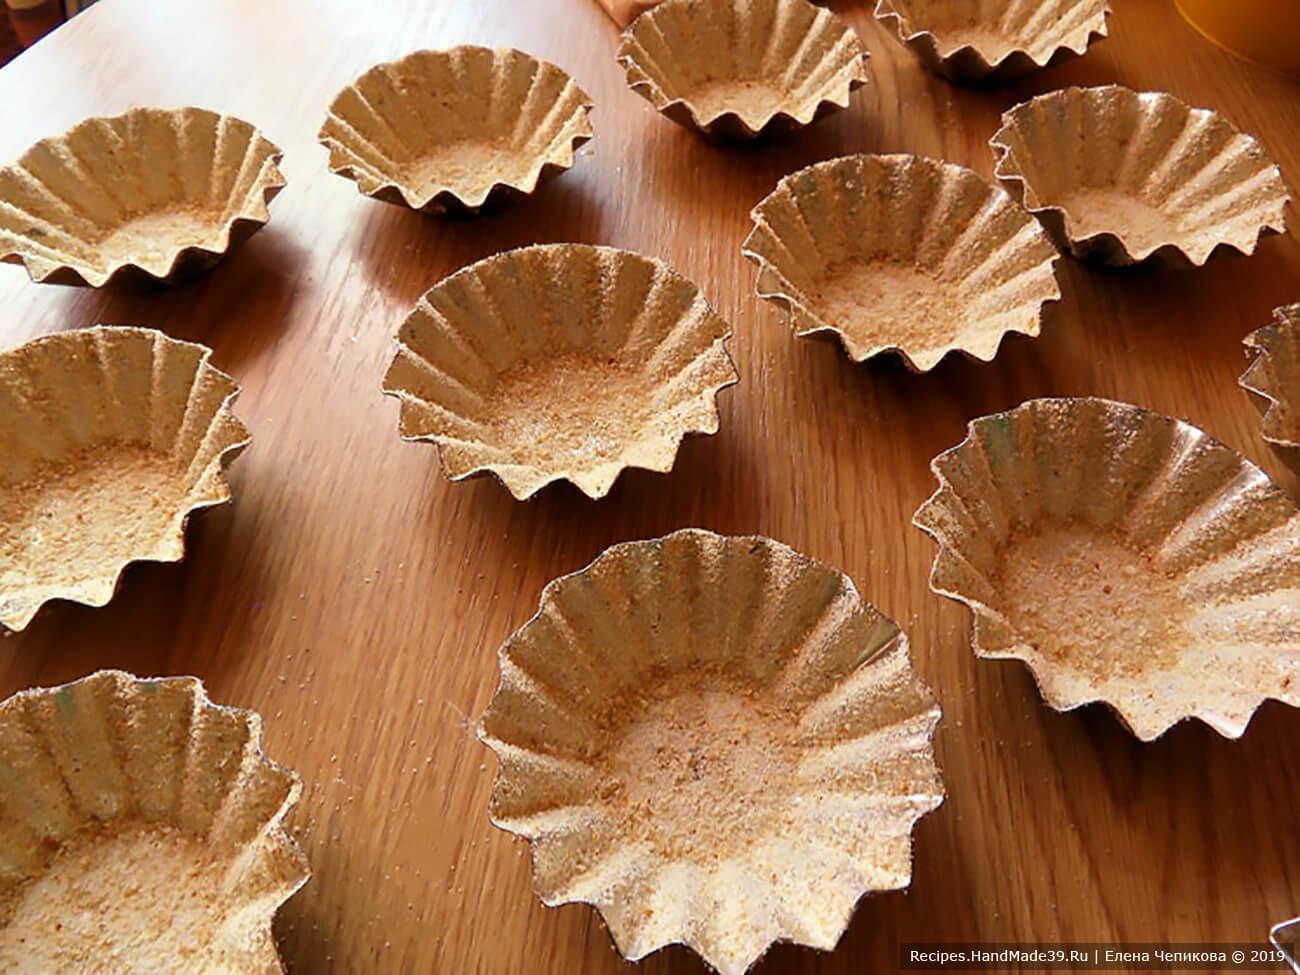 Формочки для кексов смазать растительным маслом, затем обсыпать панировочными сухарями, распределяя их не только по дну, но и по стенкам формочек